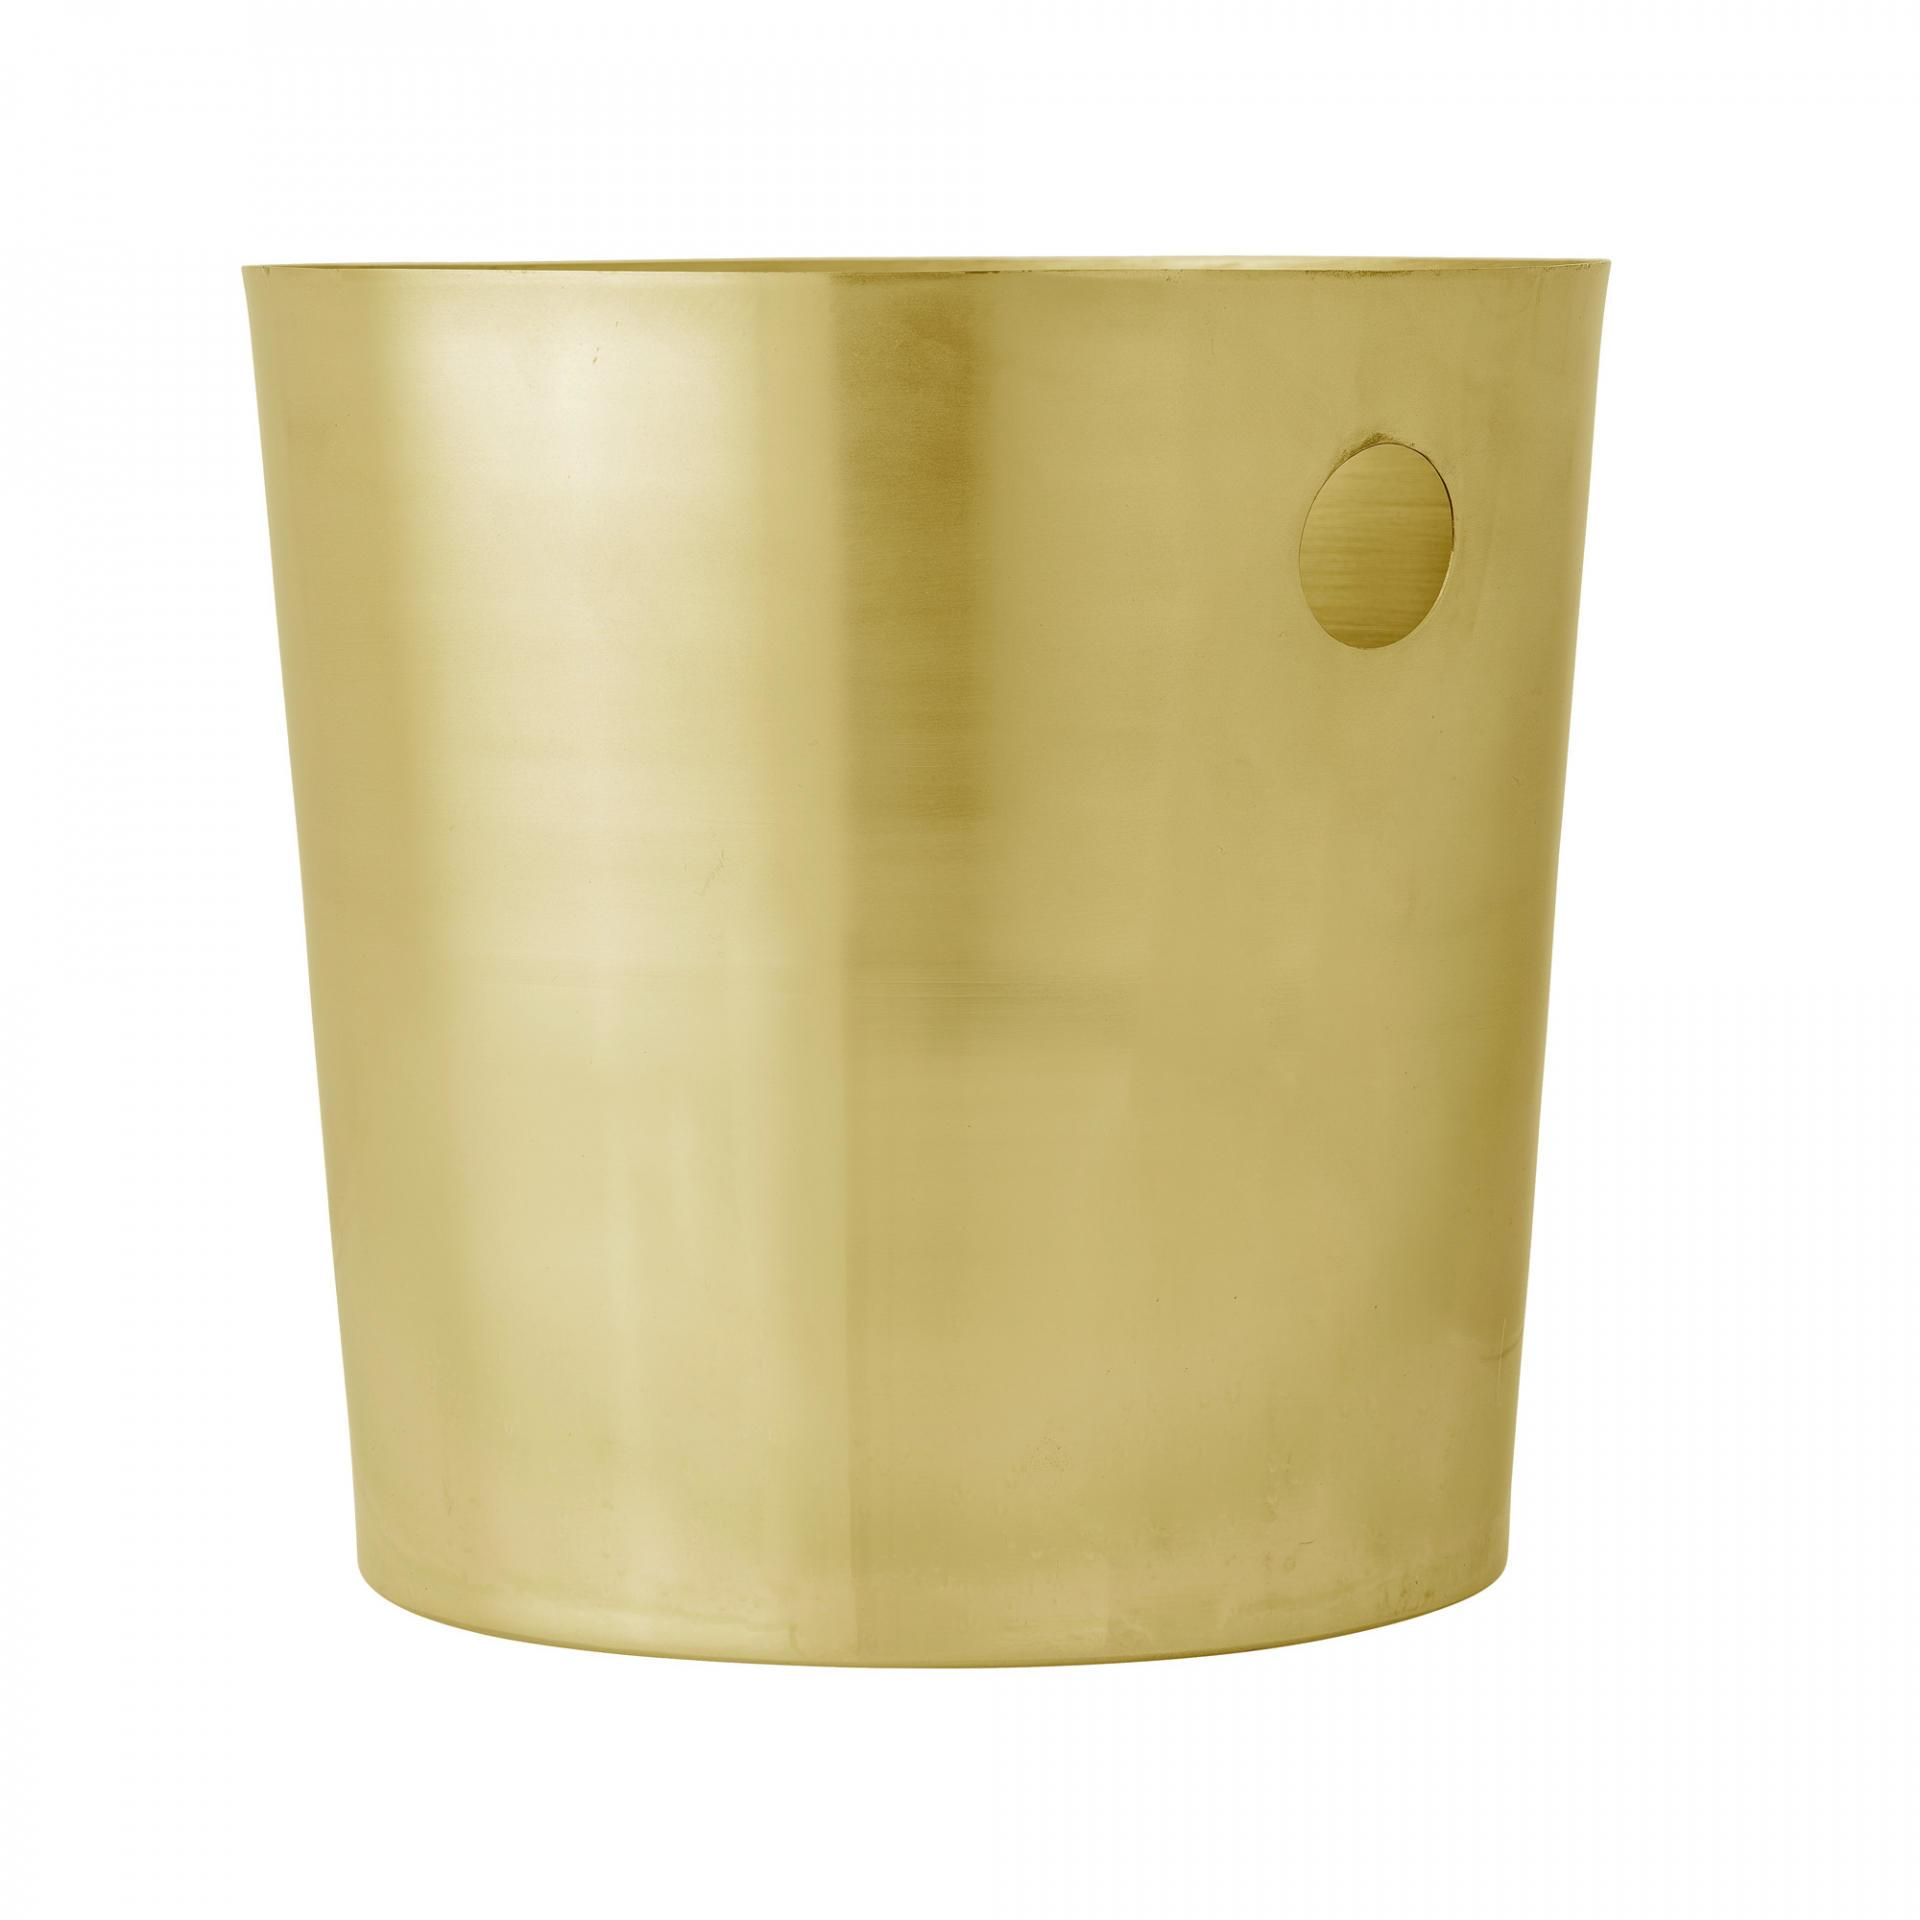 Bloomingville Chladicí nádoba na nápoje, zlatá barva, kov